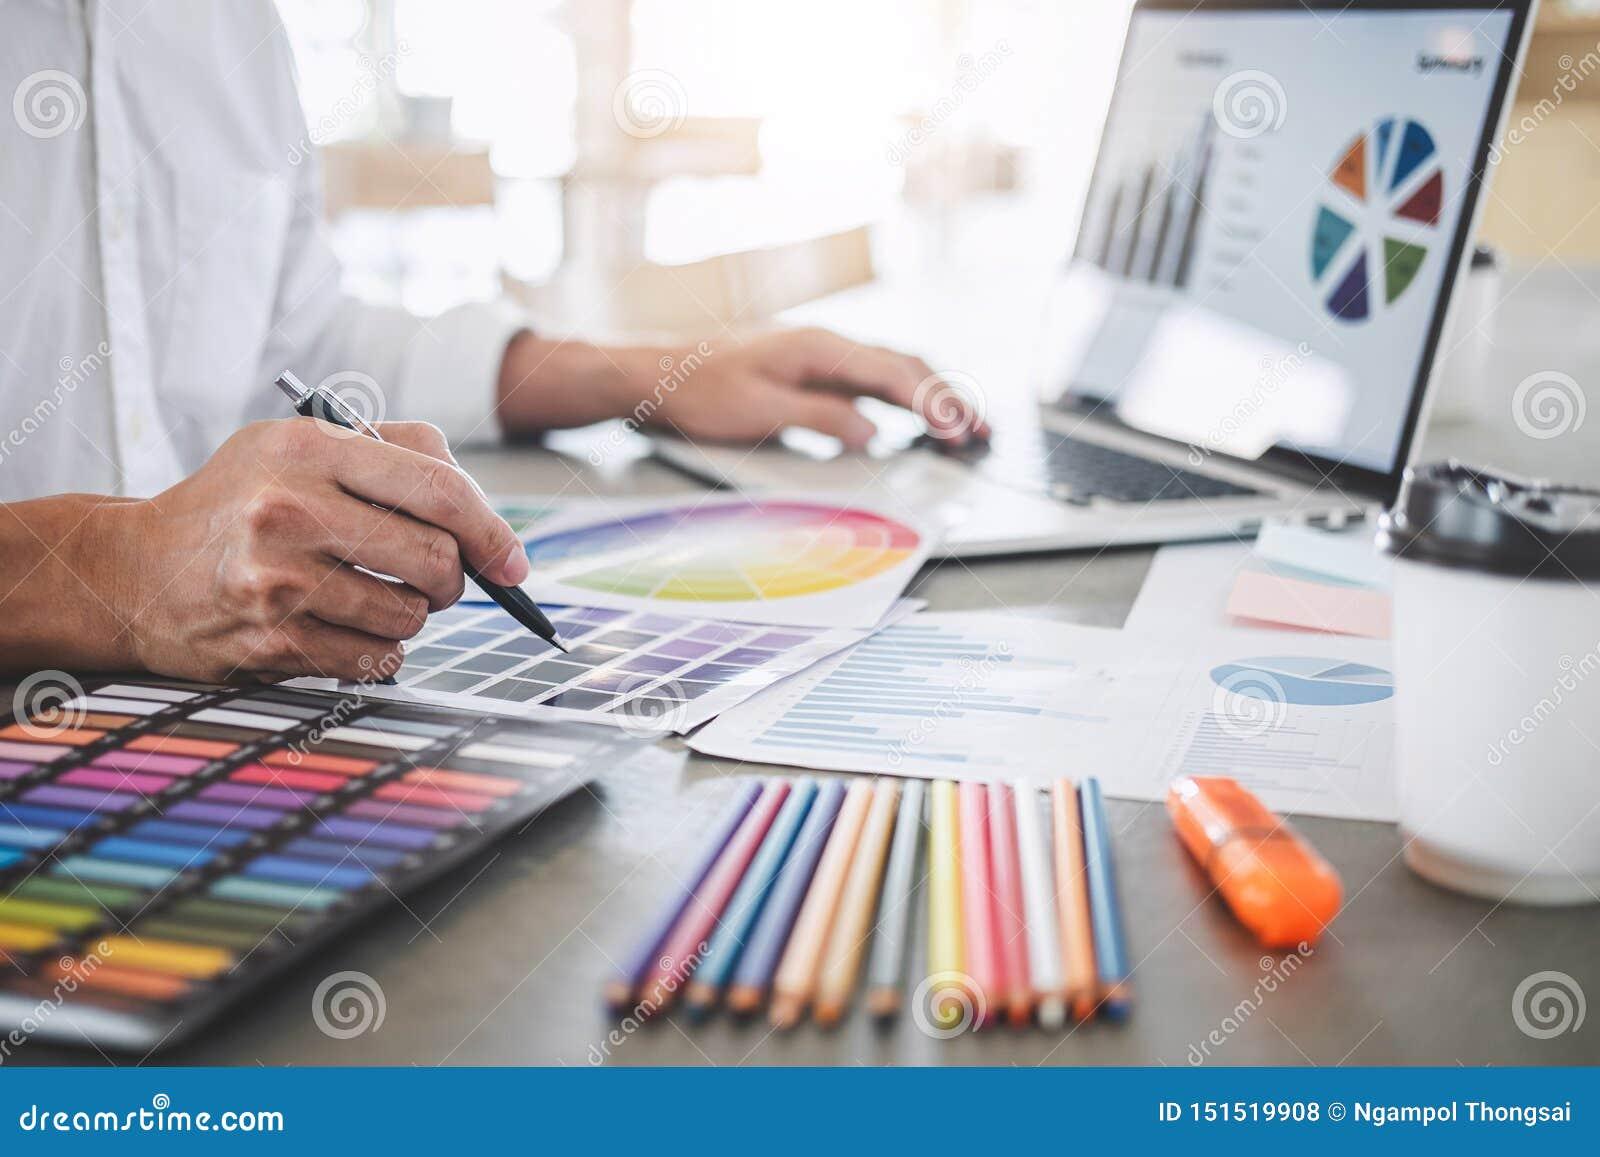 M?ody kreatywnie projektant grafik komputerowych pracuje na projekta architektoniczny rysunkowym i barwi swatches, wyb?r koloryst